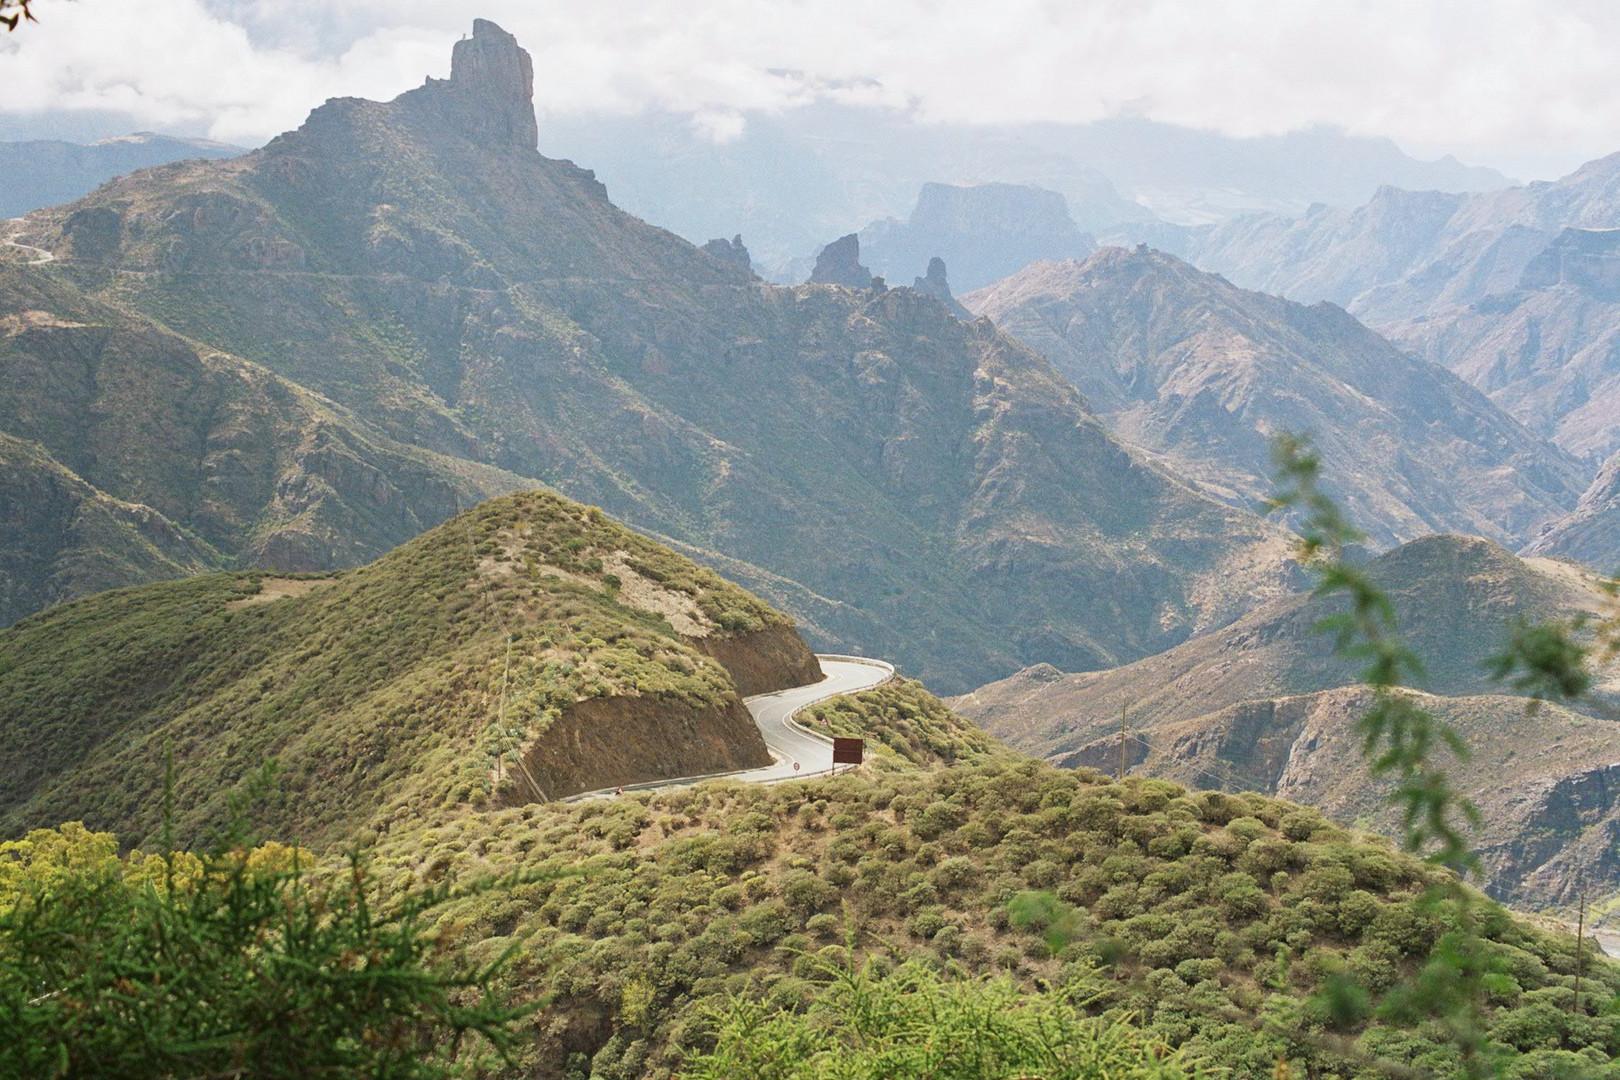 Serpentine durch die Berge